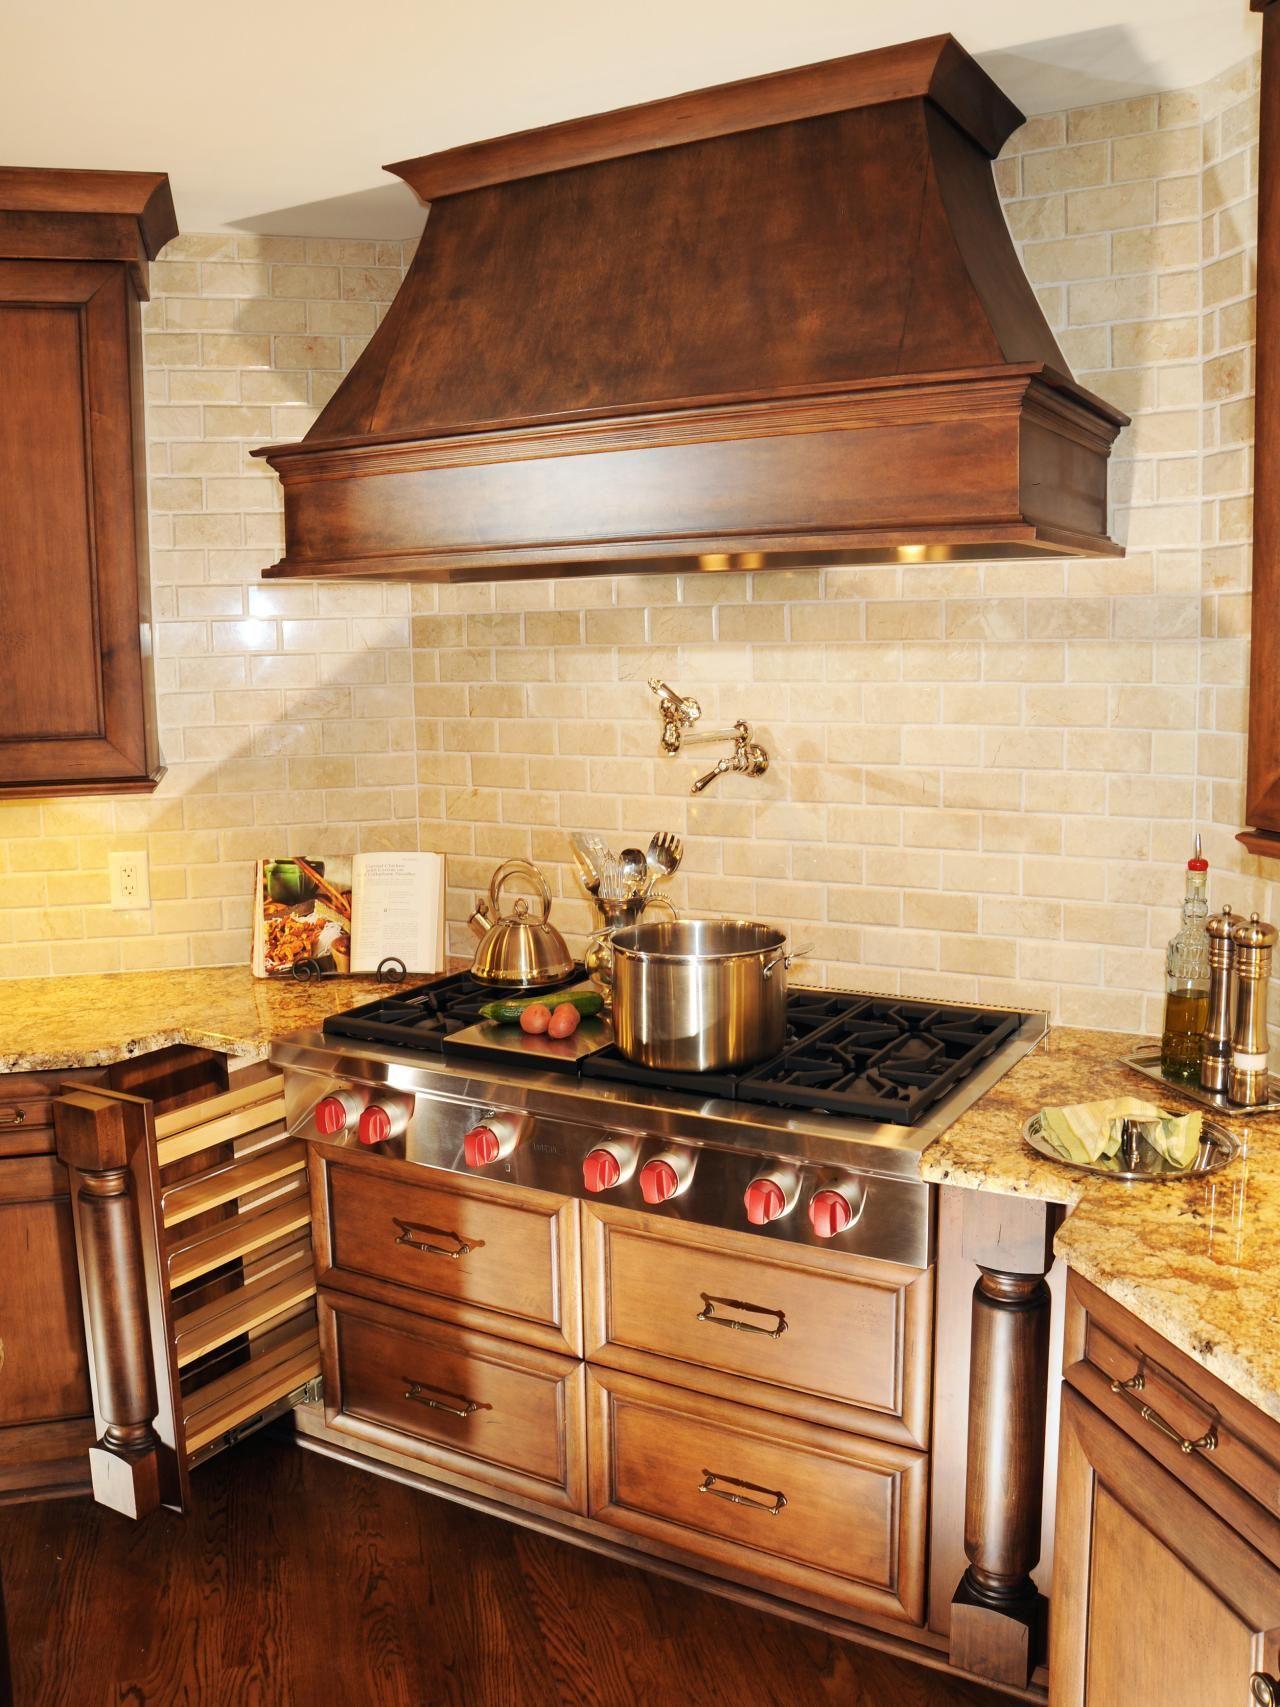 Tuscan country kitchen subway tile backsplash mediterranean style tuscan country kitchen ranch kitchenkitchen woodcopper kitchenkitchen cabinetrykitchen backsplashsubway tile dailygadgetfo Images